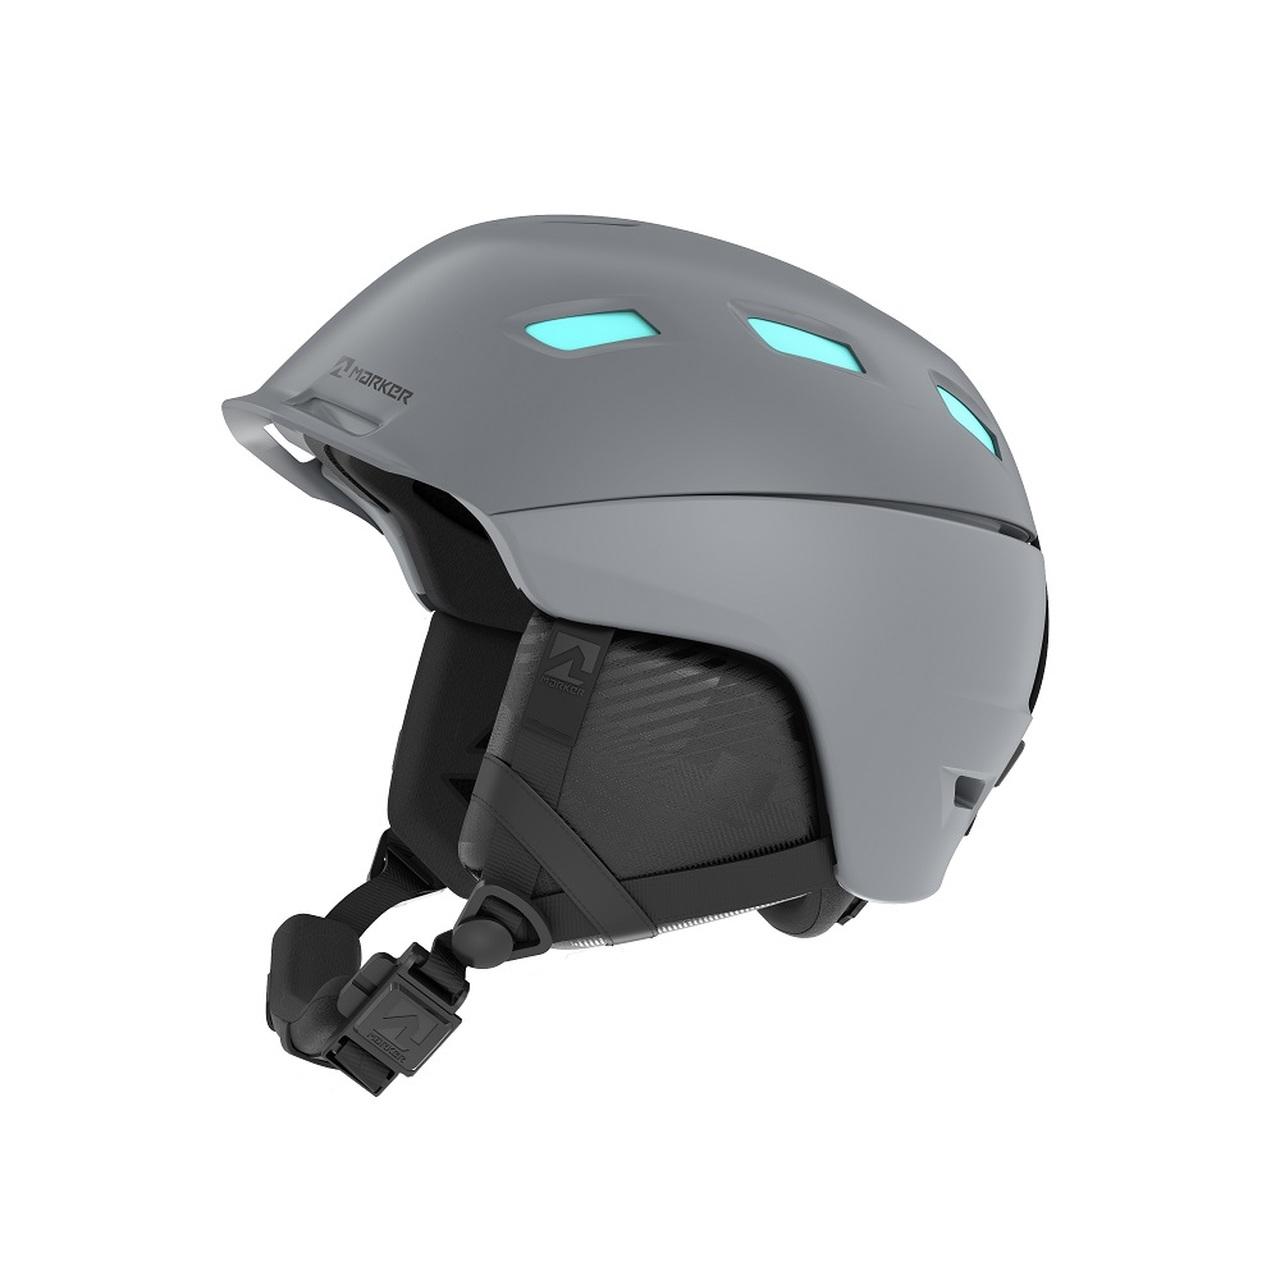 Marker Ampire Womens Ski Helmet